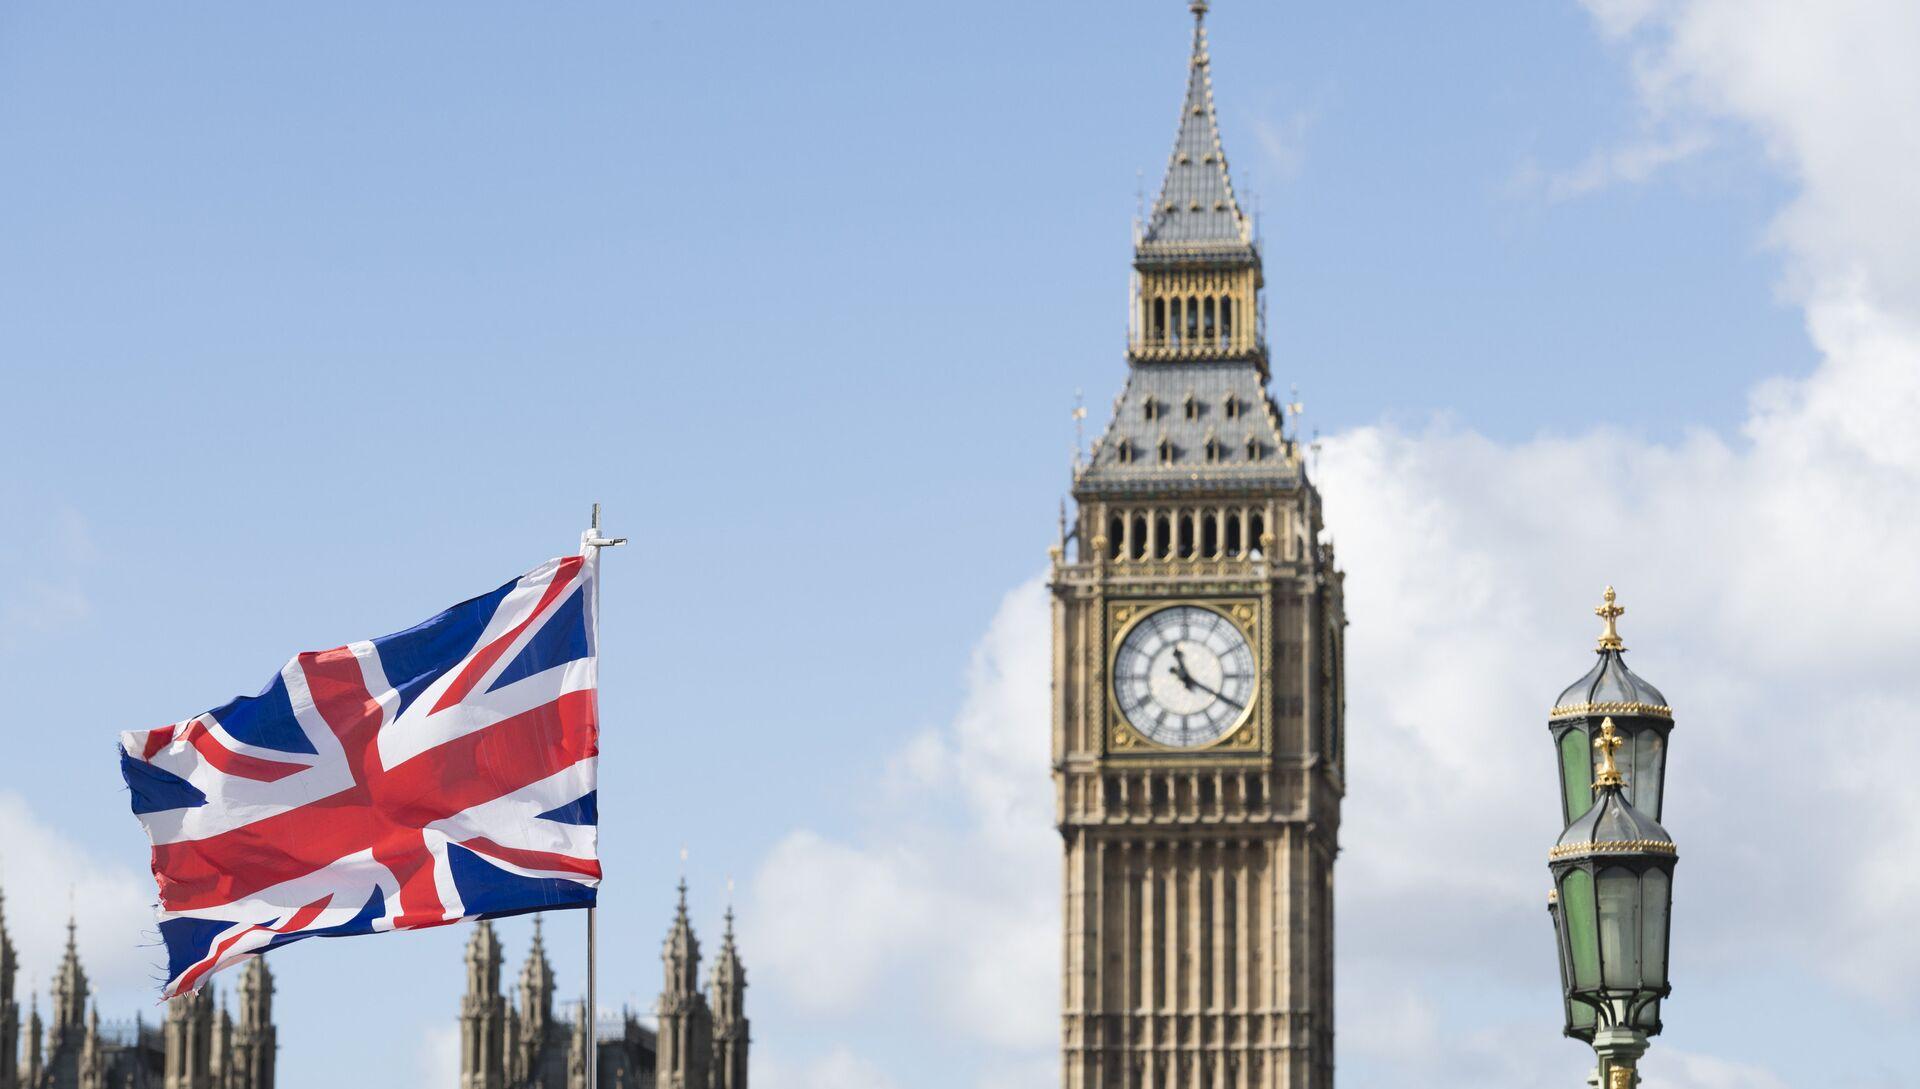 Флаг Великобритании на фоне Вестминстерского дворца в Лондоне - РИА Новости, 1920, 18.01.2021